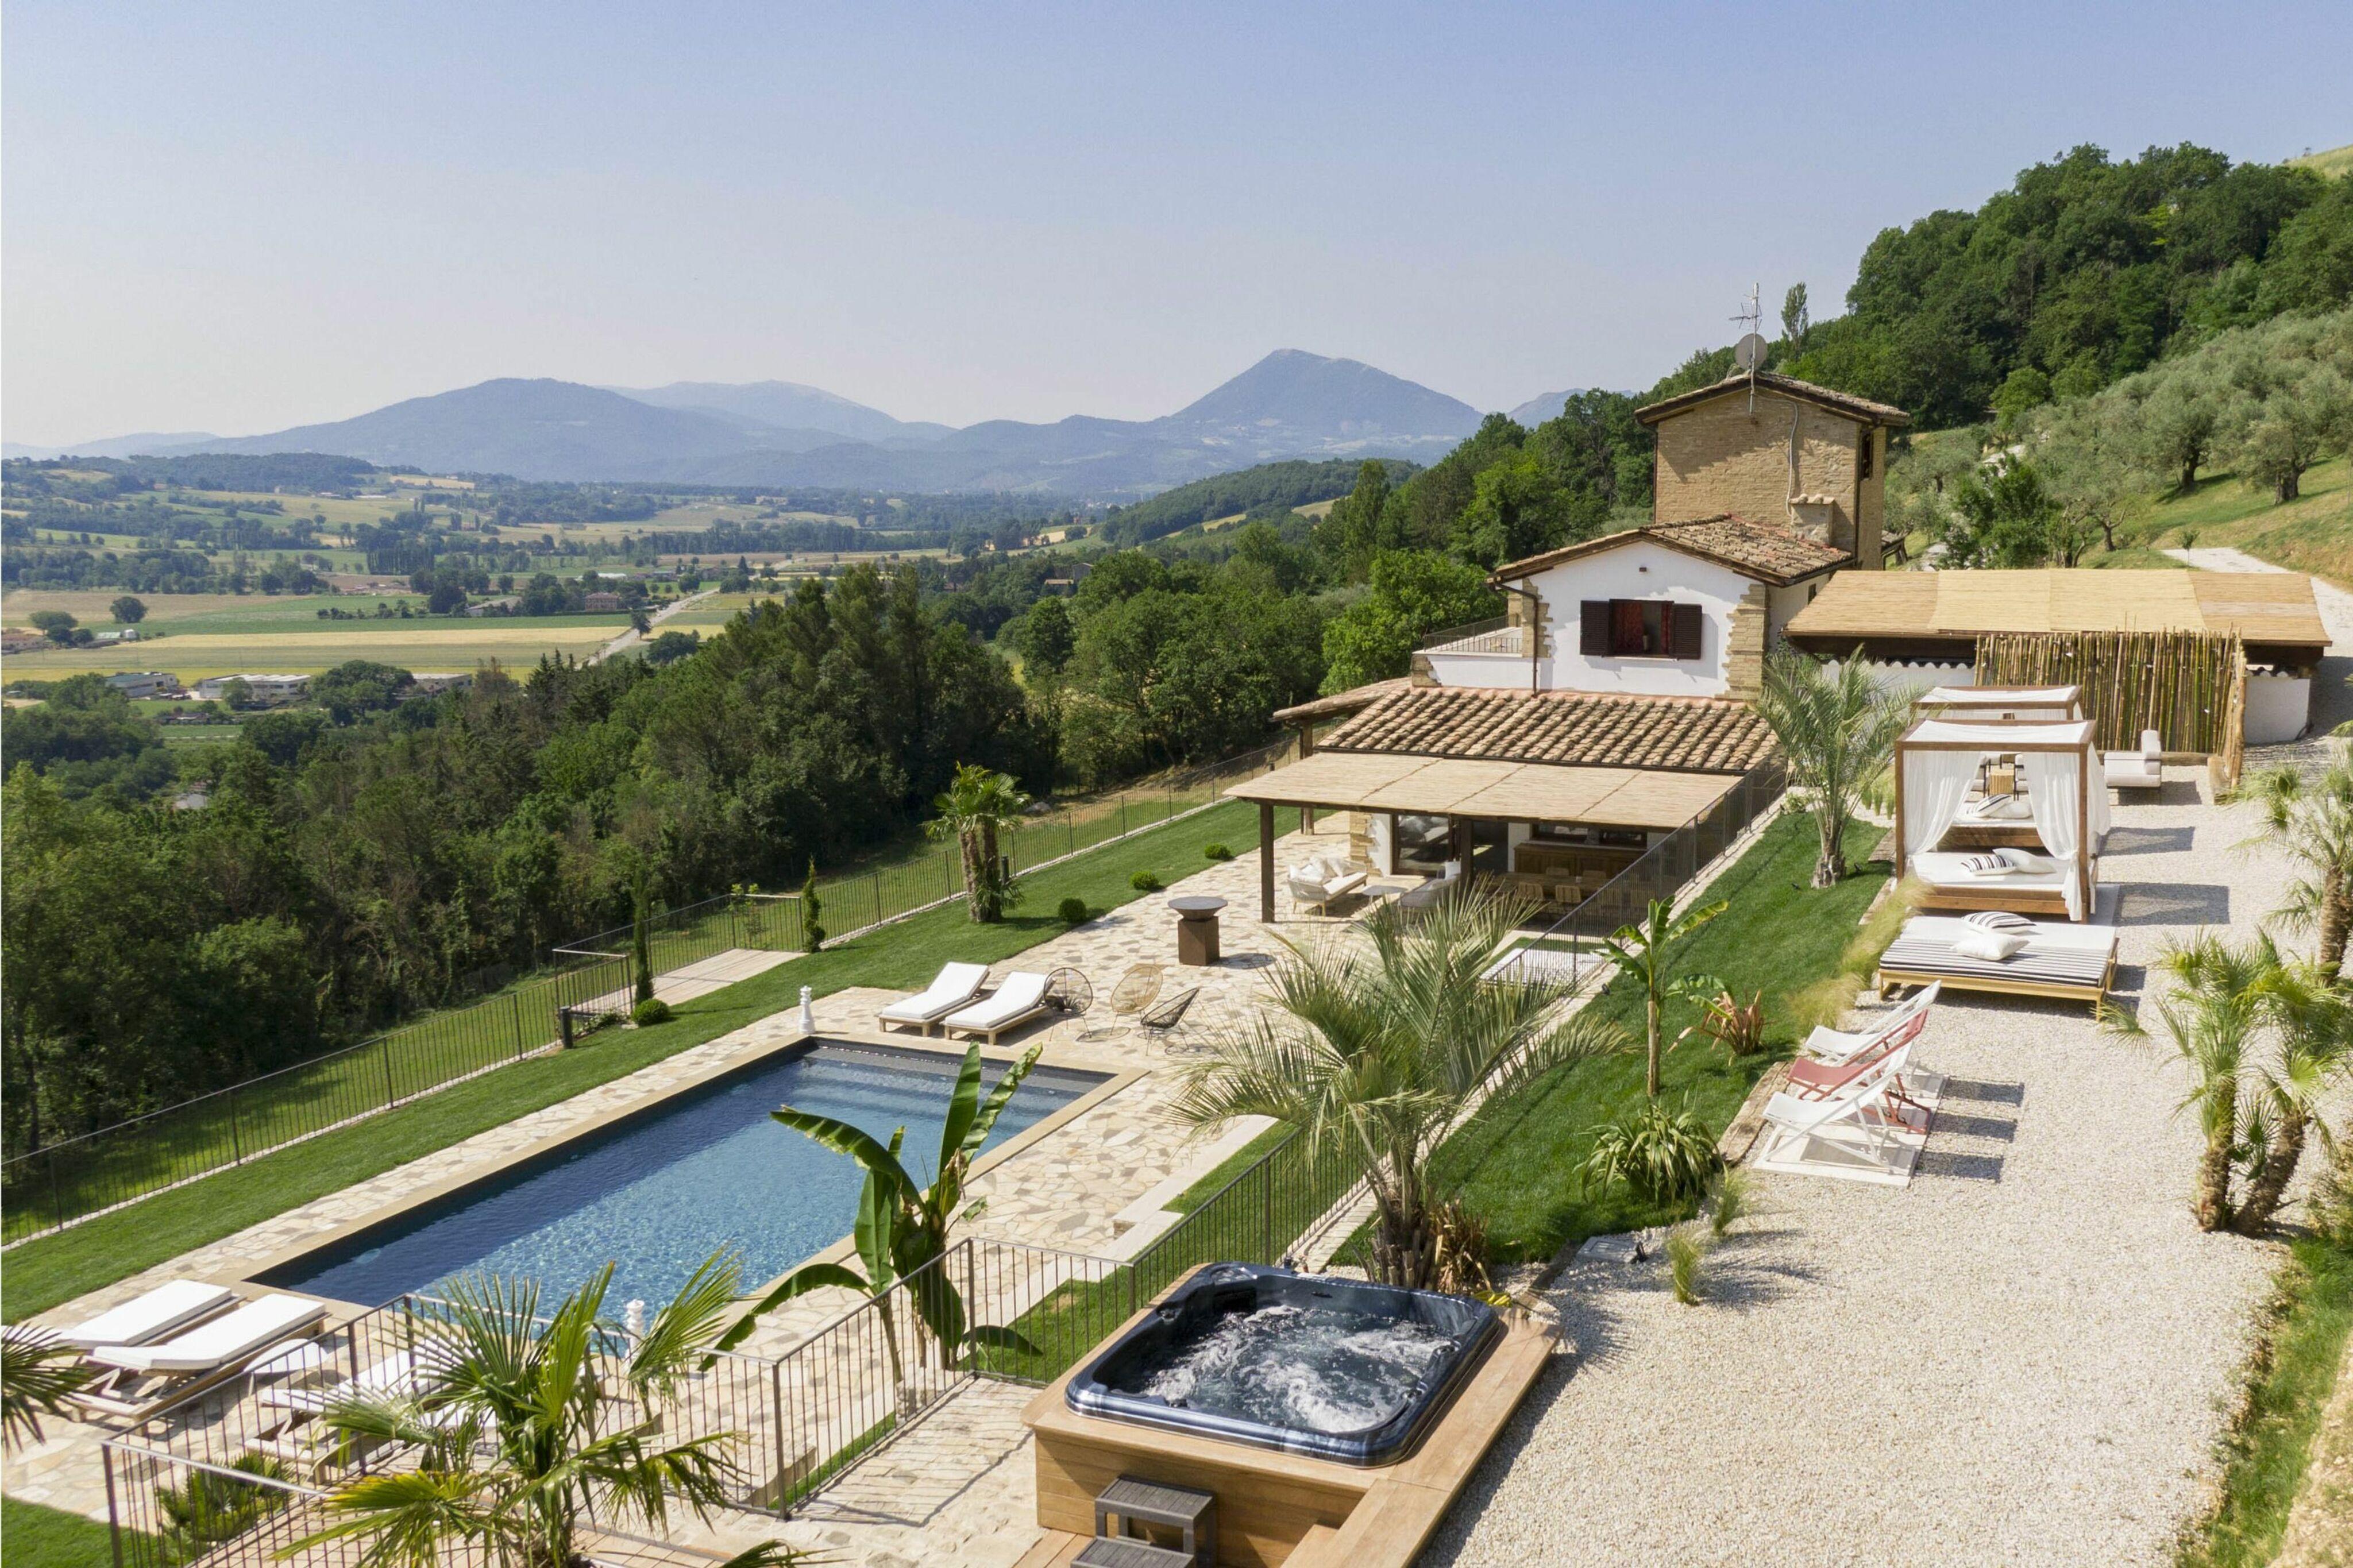 Villa Destino Montone